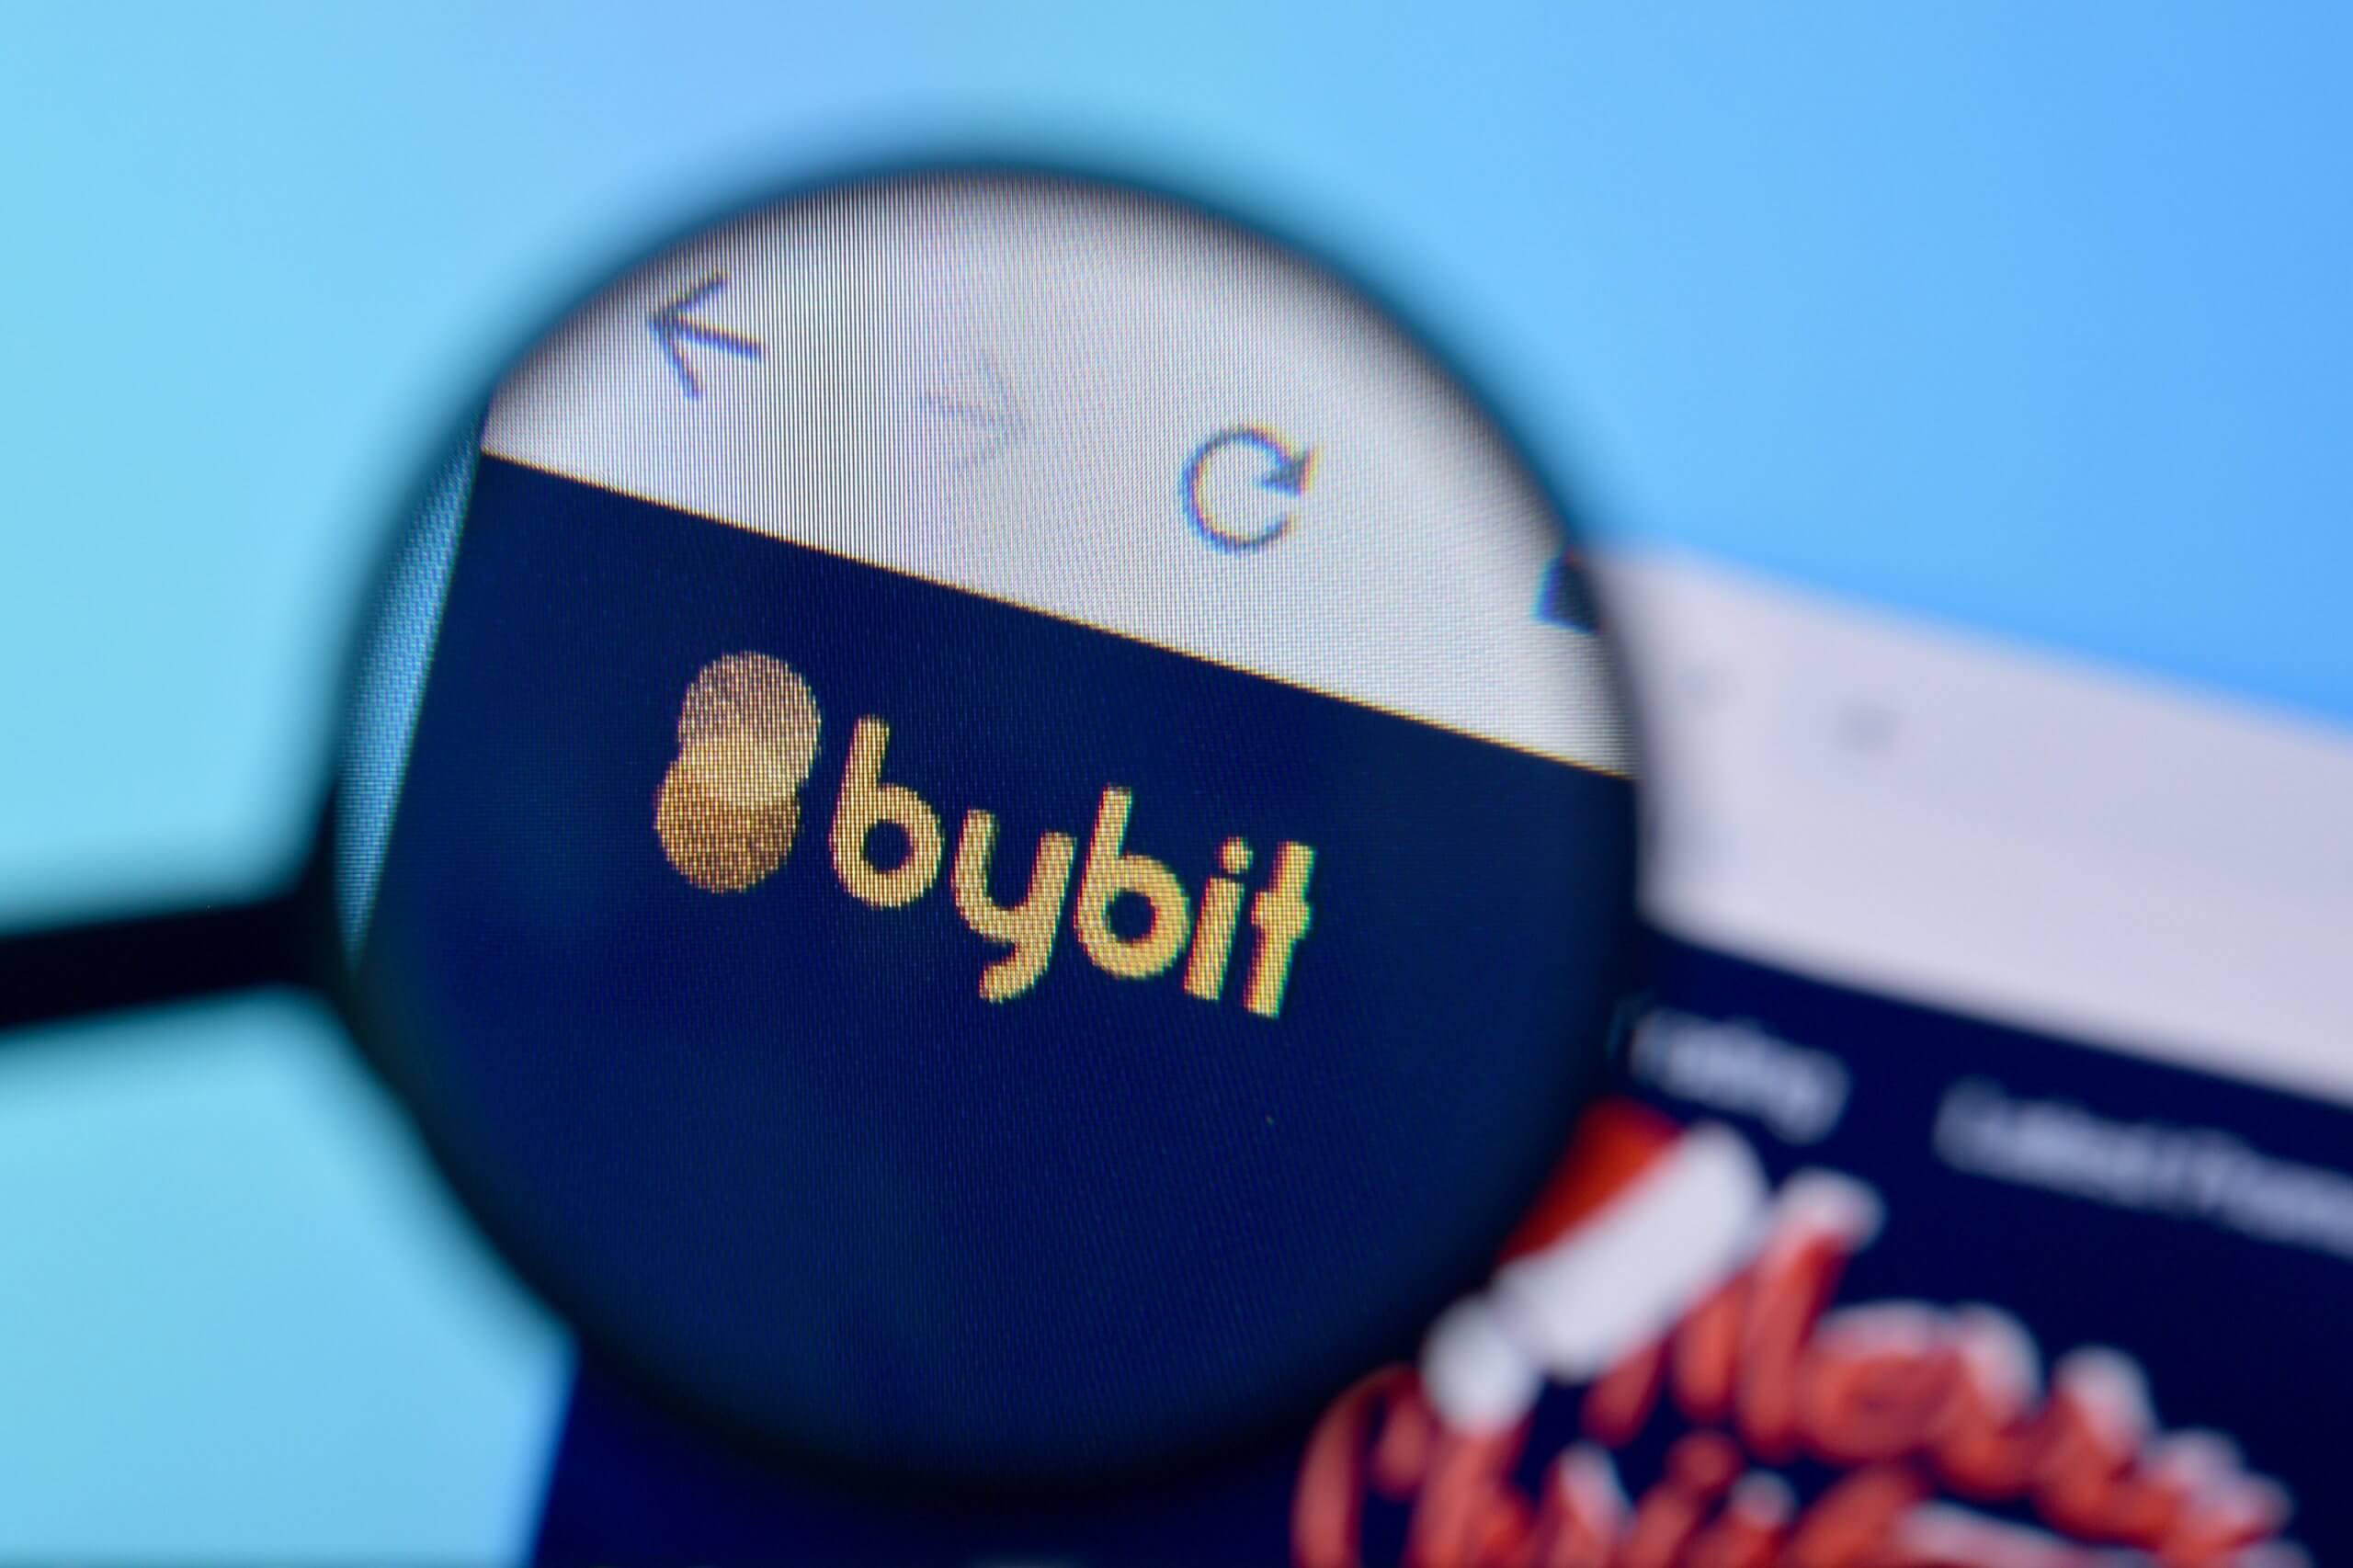 Bybit exchange platform for cryptocurrencies